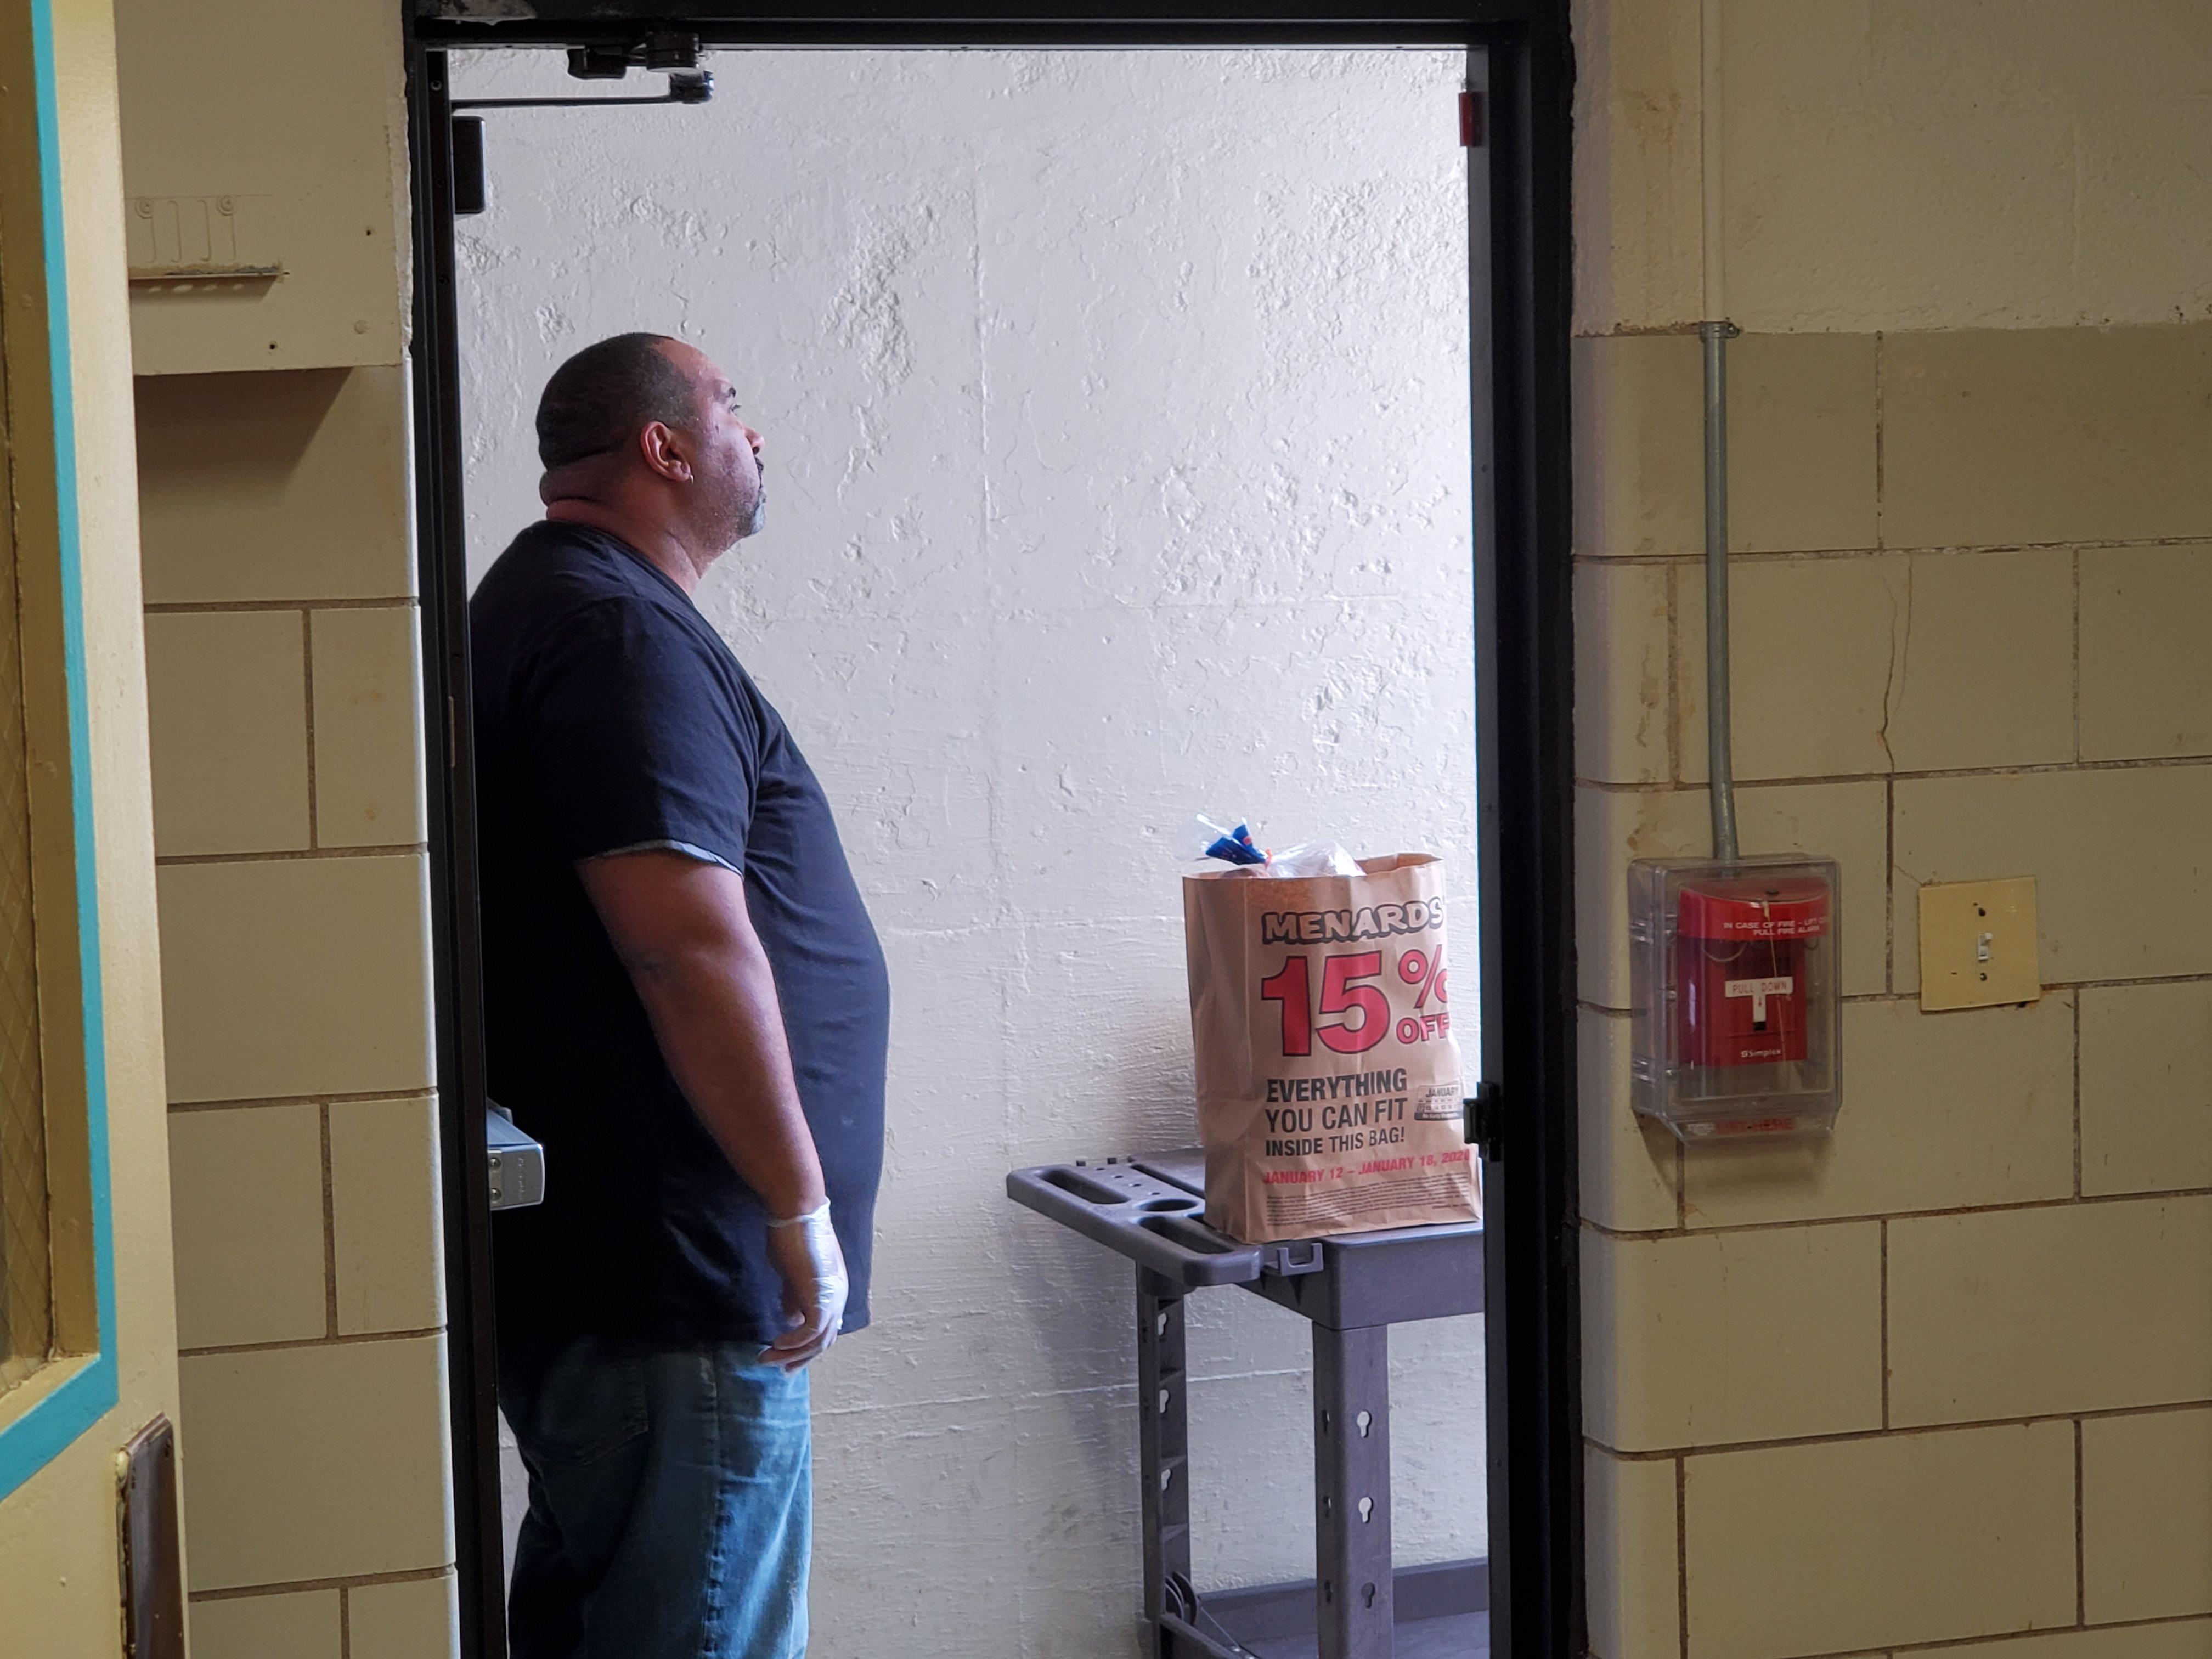 Micheal In doorway